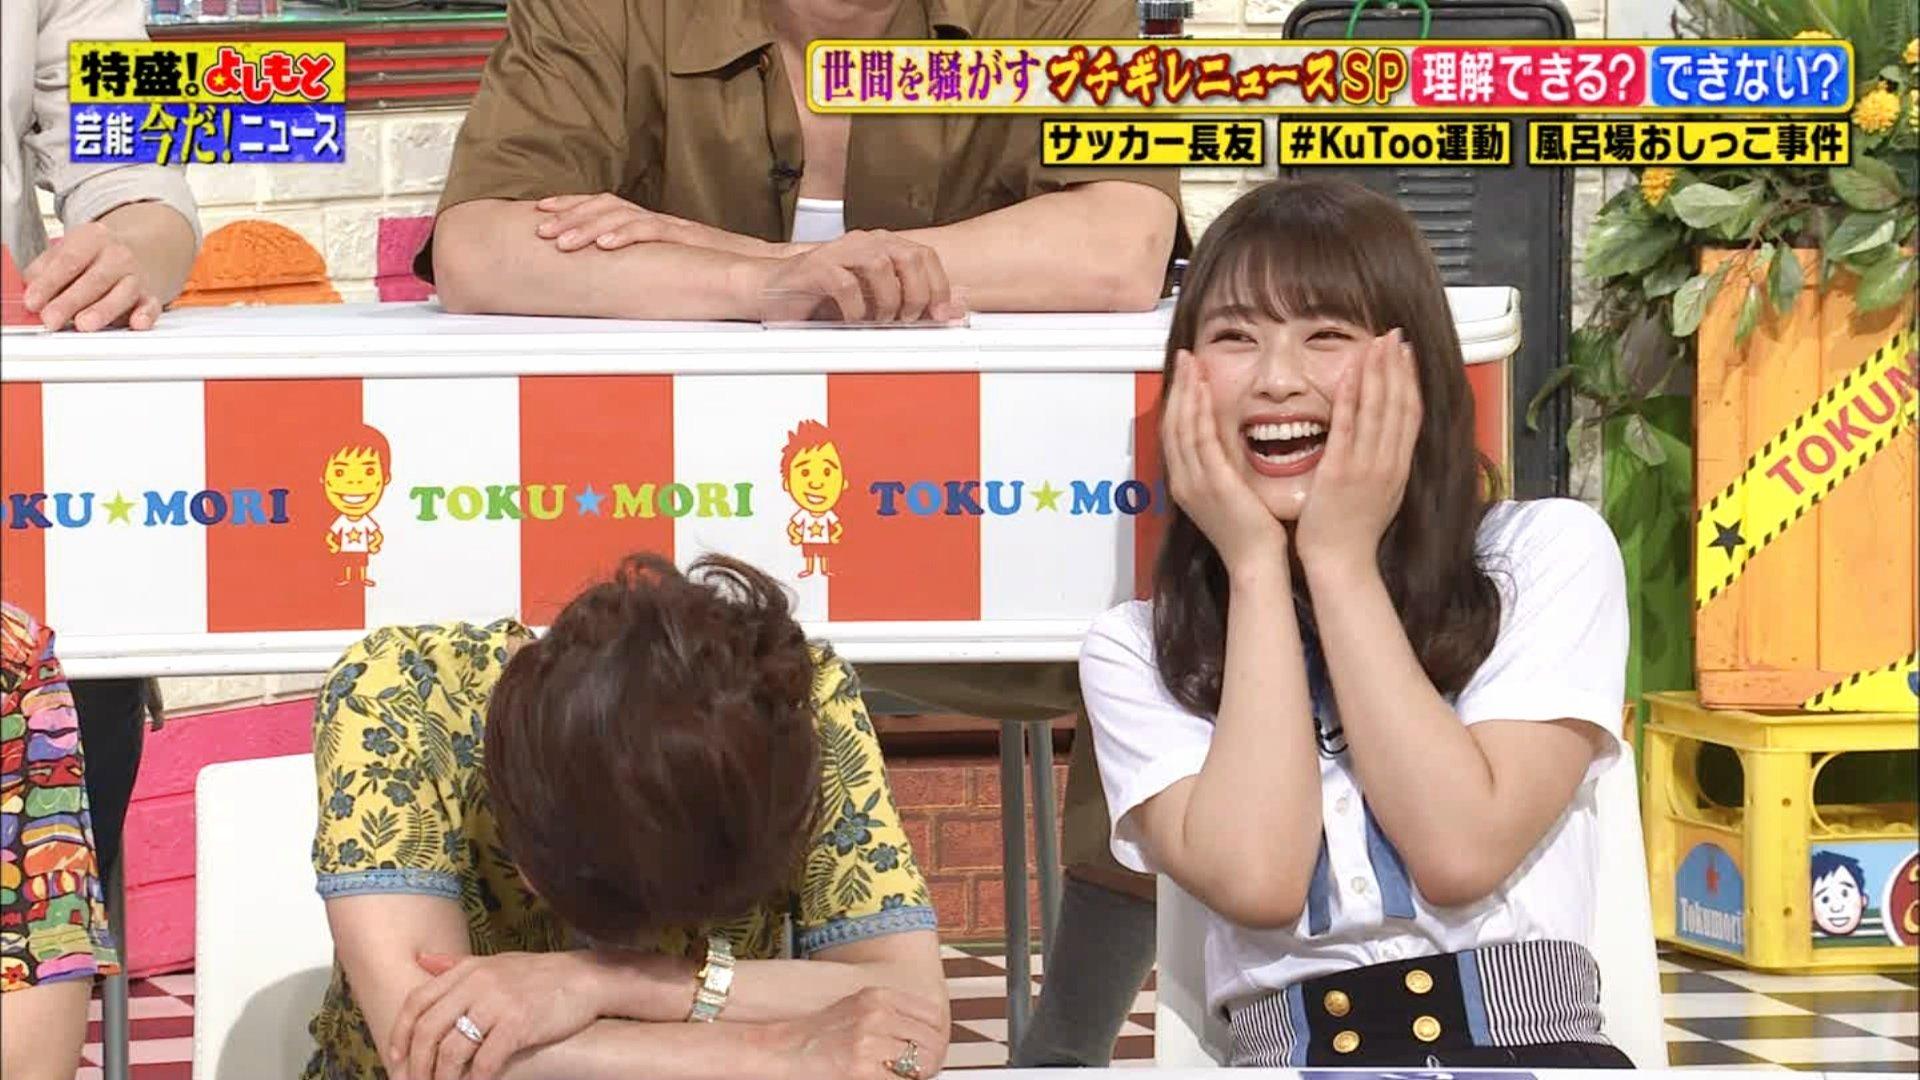 【渋谷凪咲】なぎさ出演6/22「特盛!よしもと」の画像。世間を騒がすブチギレニュースSP